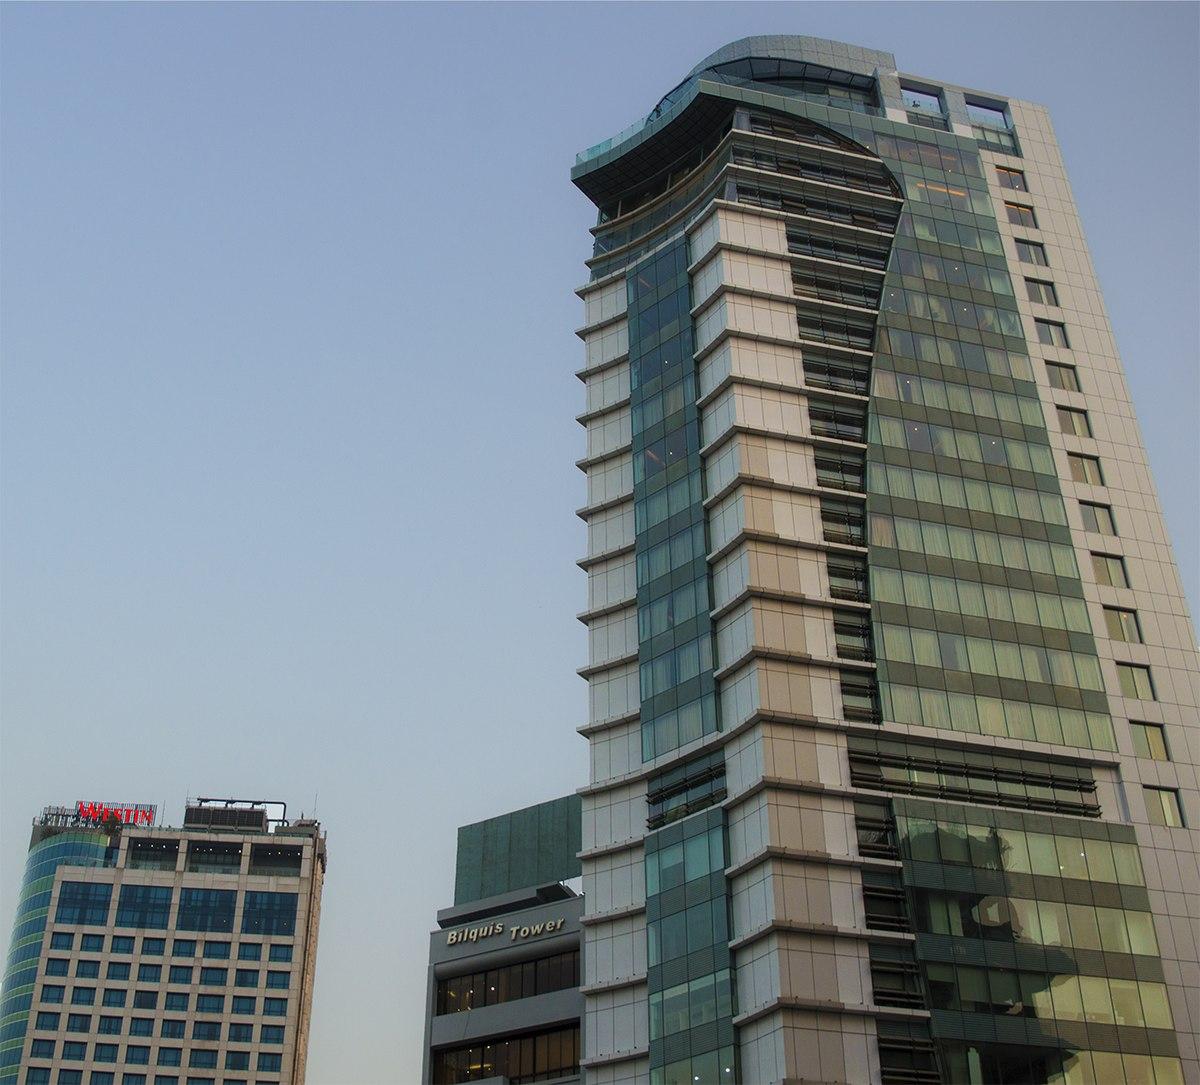 Doreen Tower Wikipedia